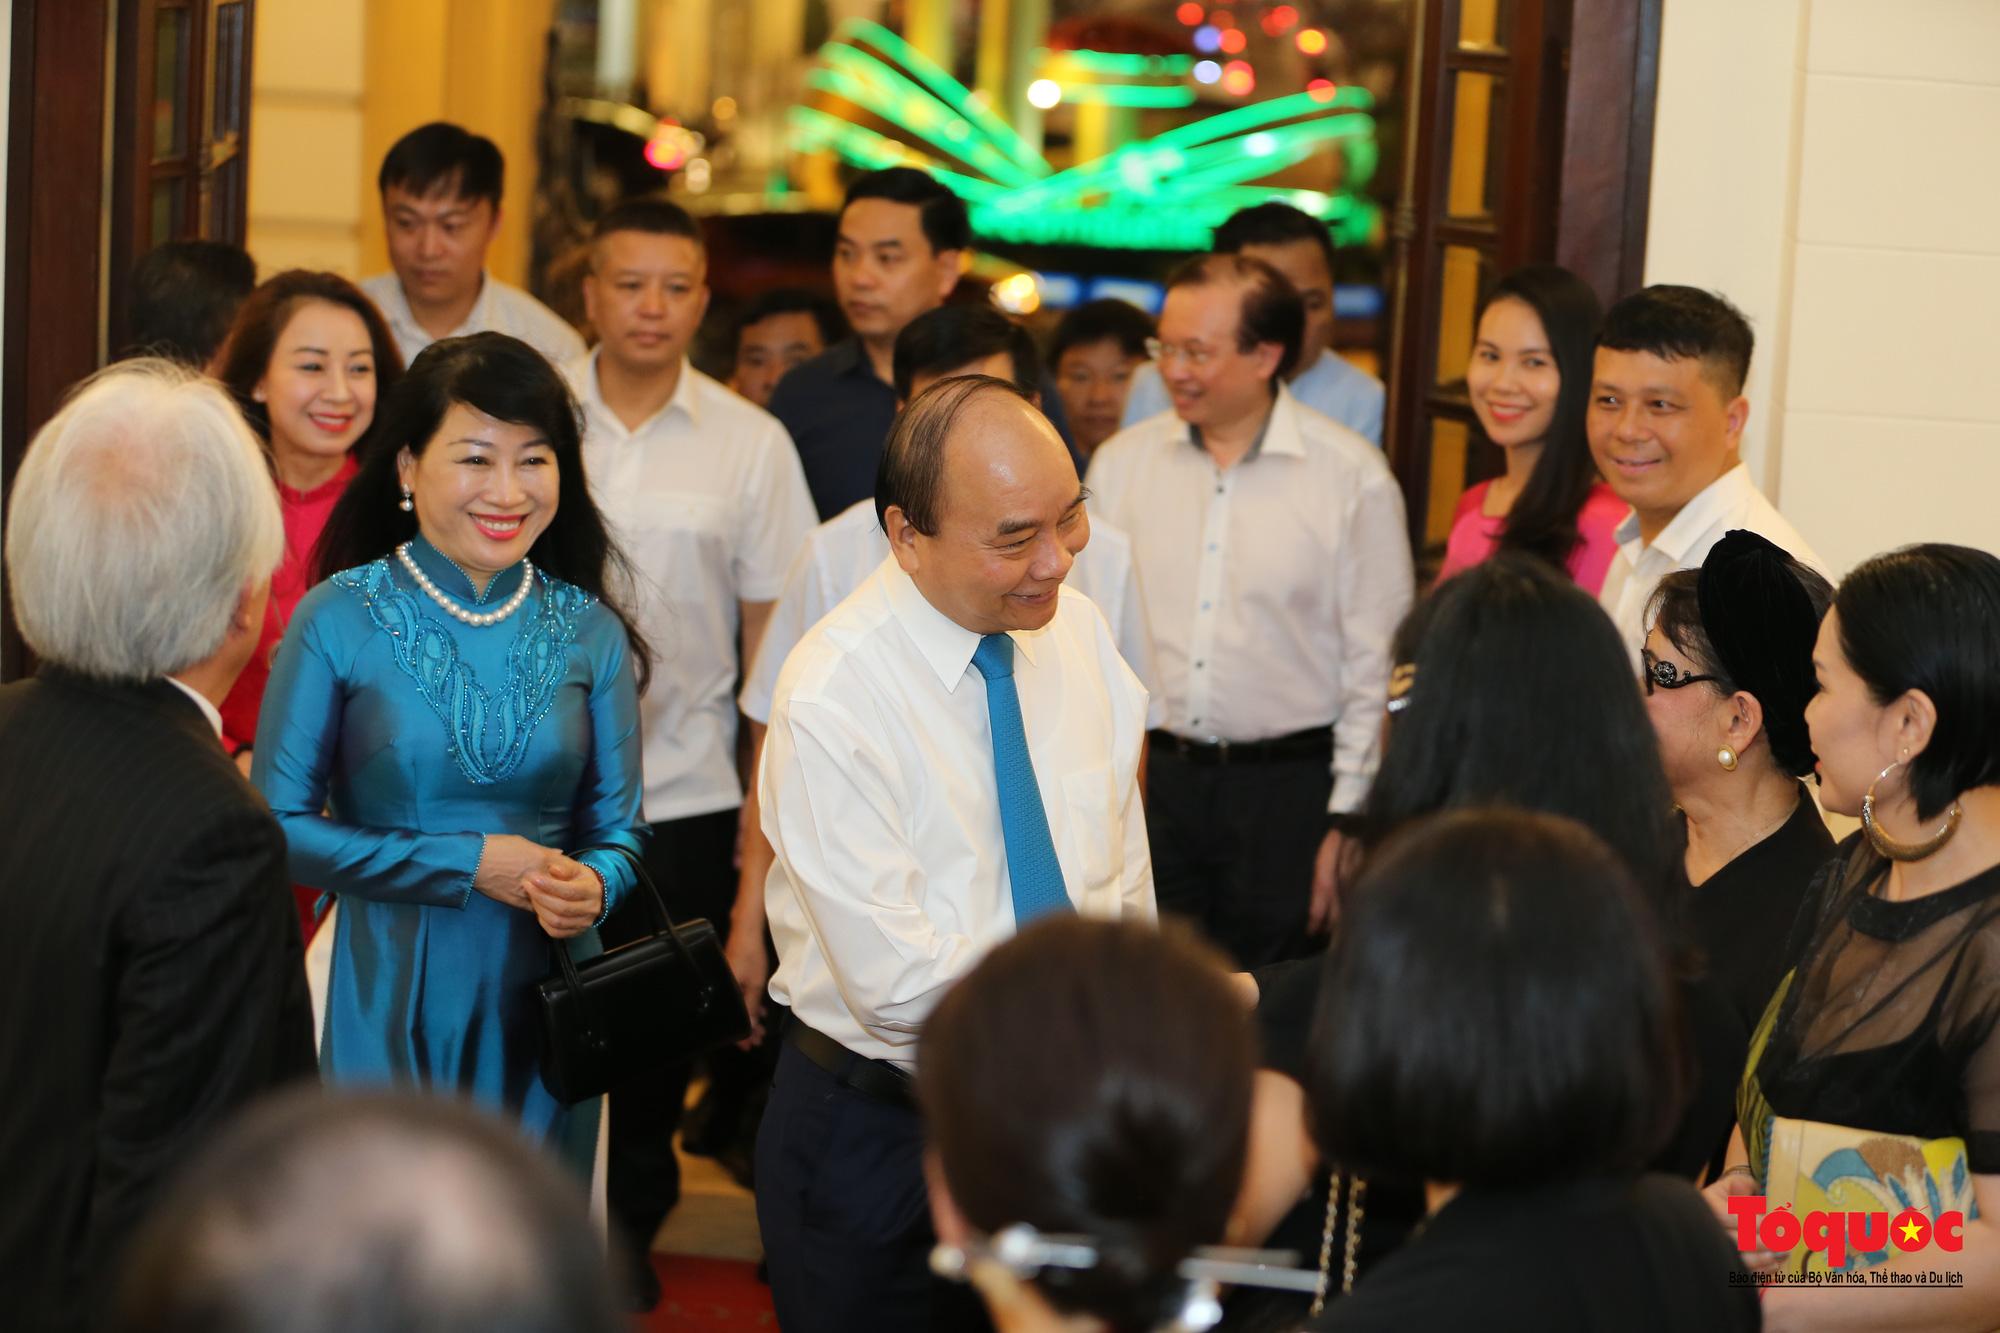 Nhiều cung bậc cảm xúc trong đêm nhạc 'Biển nhớ' tưởng nhớ cố nhạc sĩ Trịnh Công Sơn - Ảnh 3.